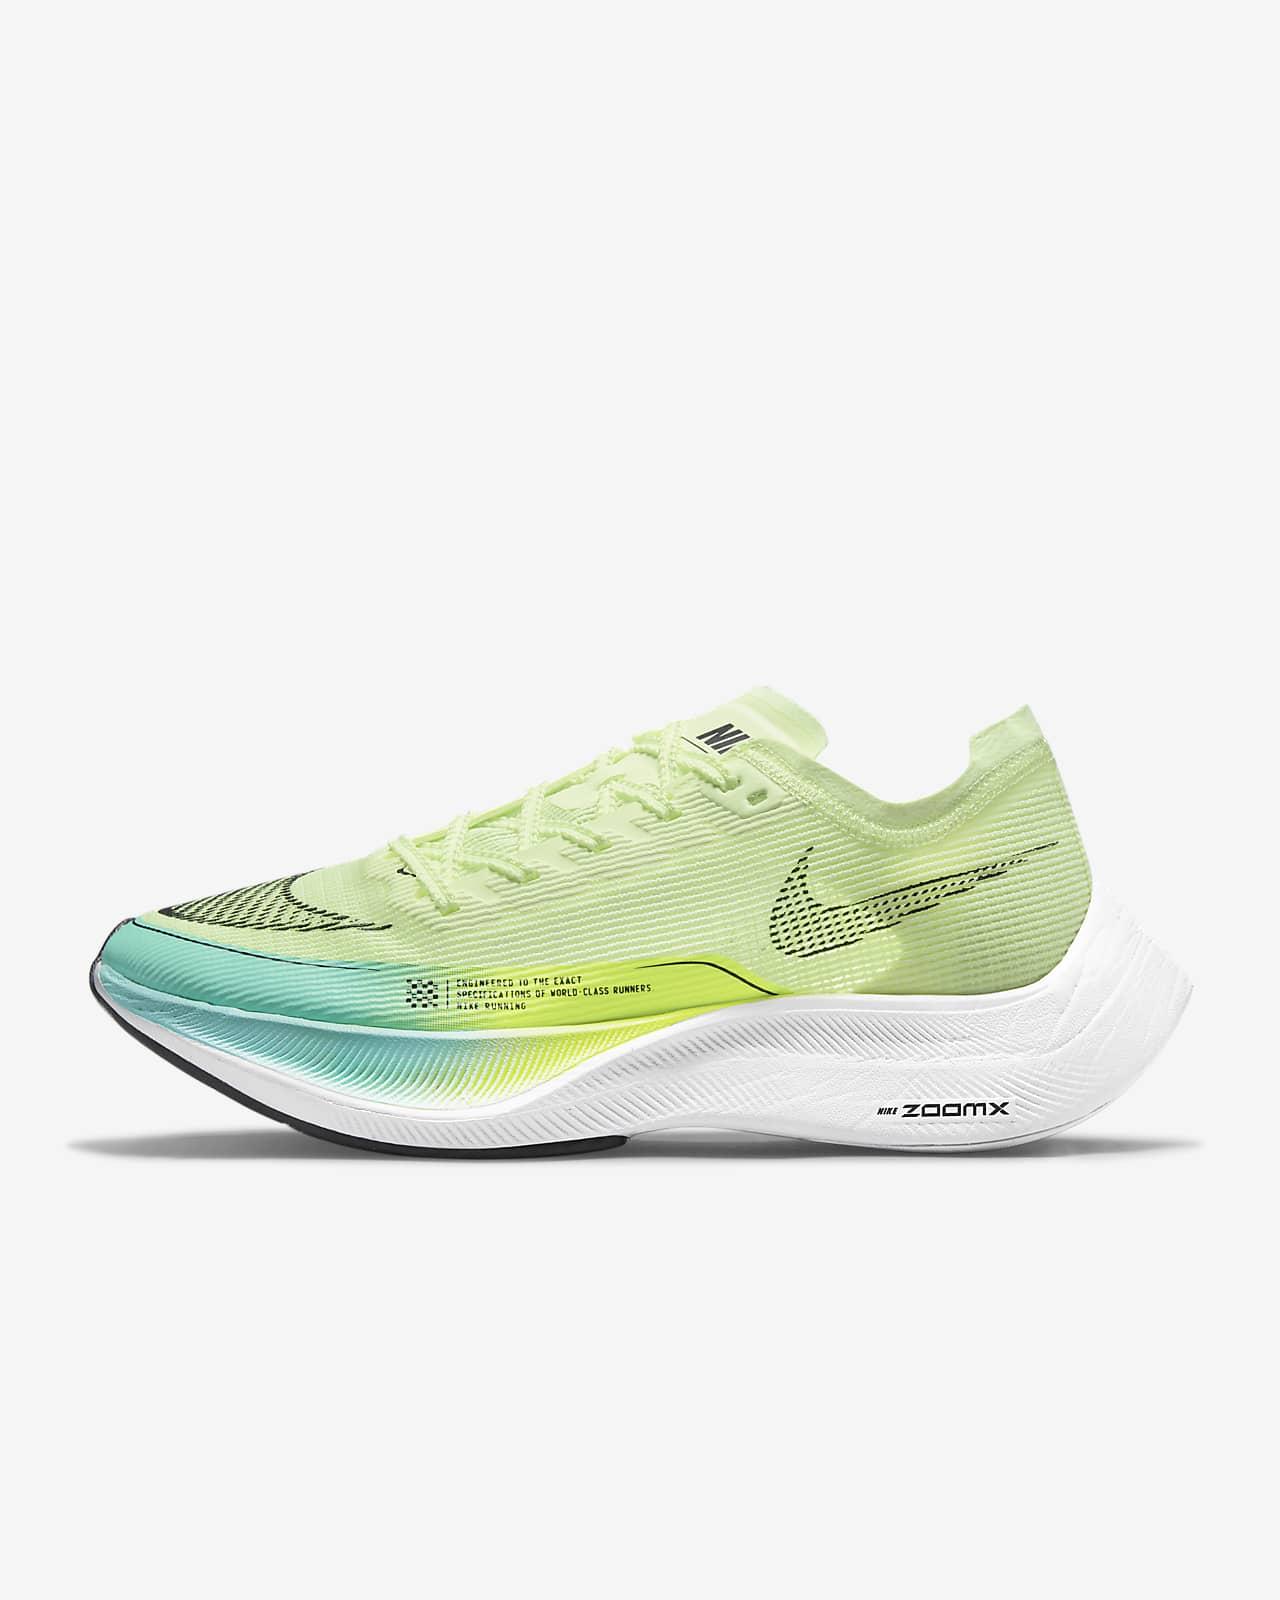 Nike ZoomX Vaporfly Next% 2 Wedstrijdschoenen voor dames (straat)